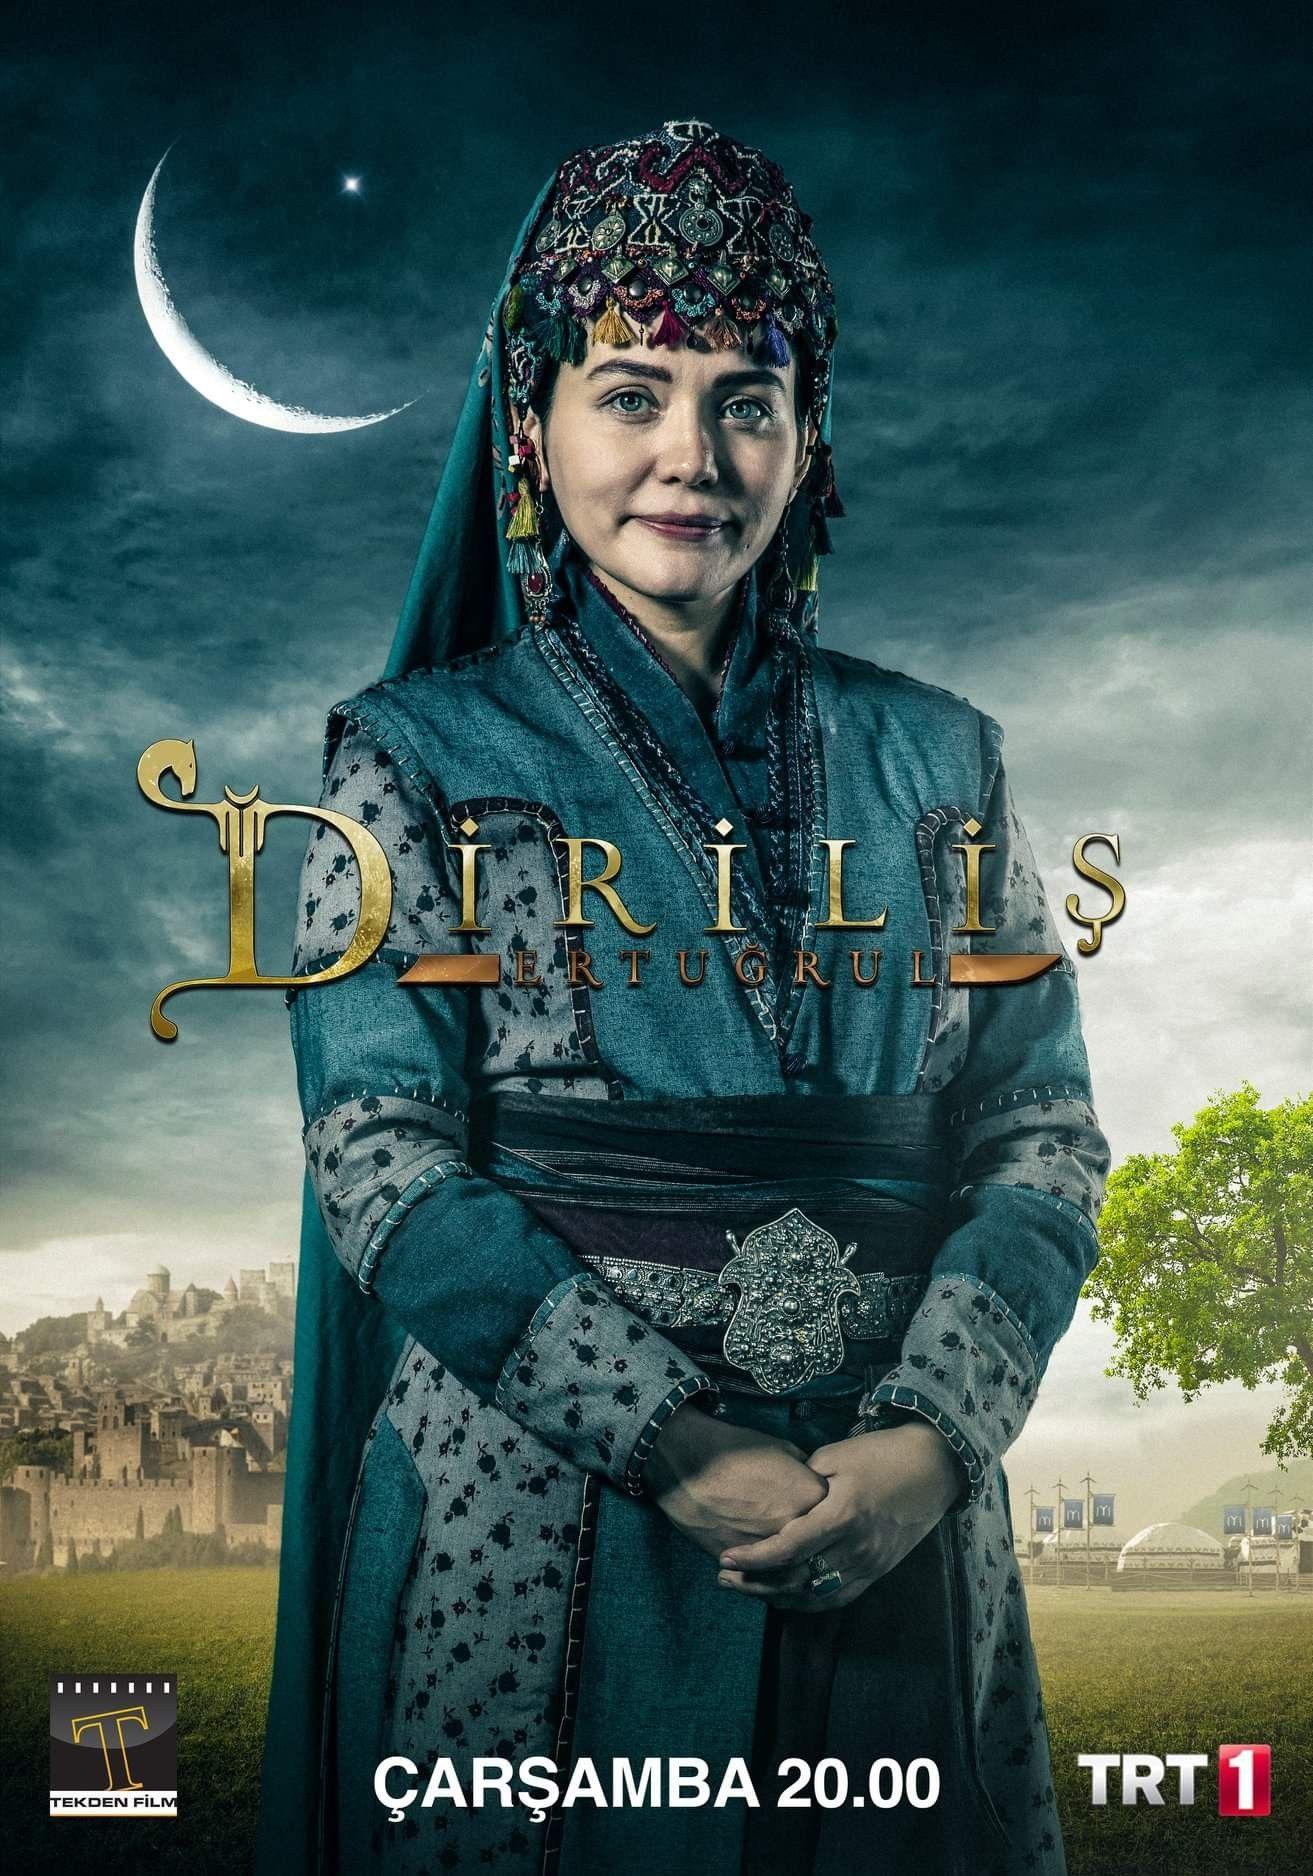 Dirilis Ertugrul, season 5   Ertugrul in 2019   Game of